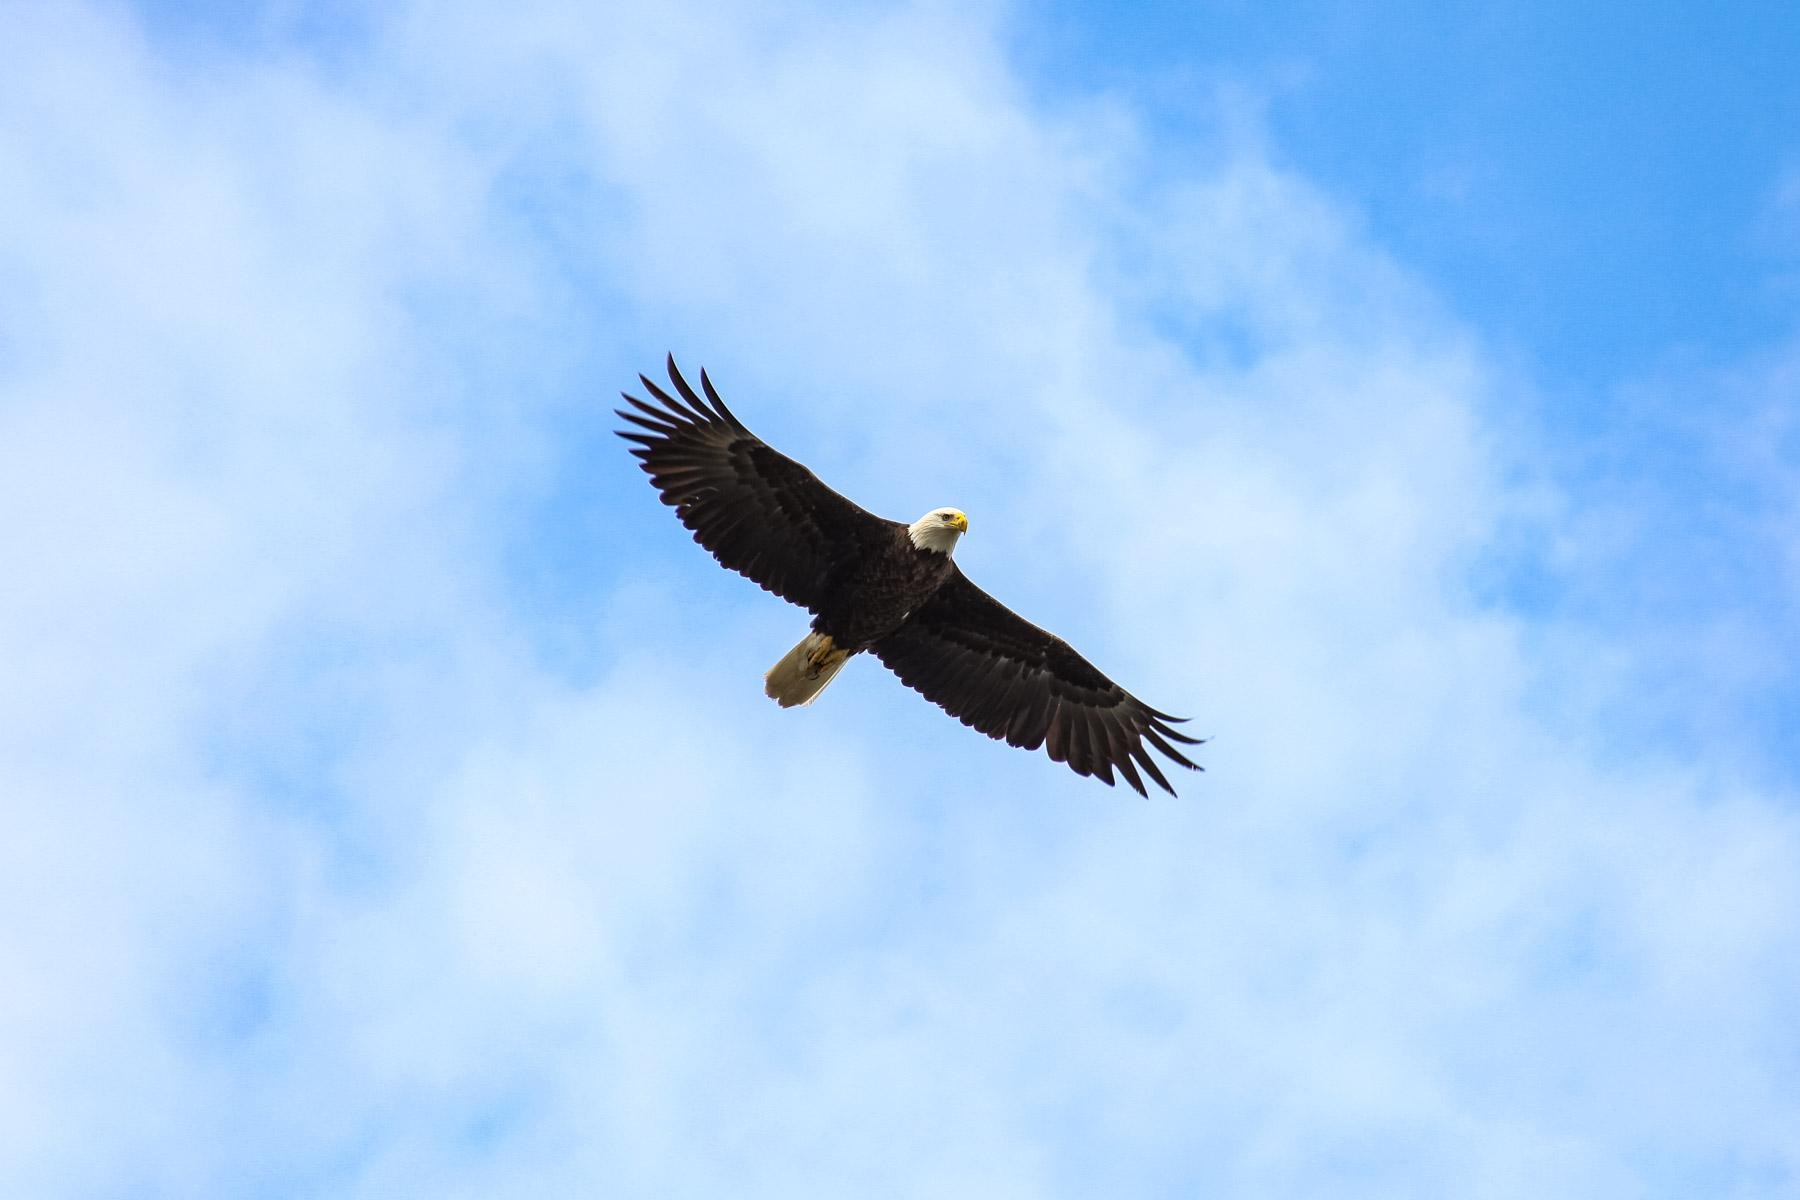 Eagle flying in an empty sky